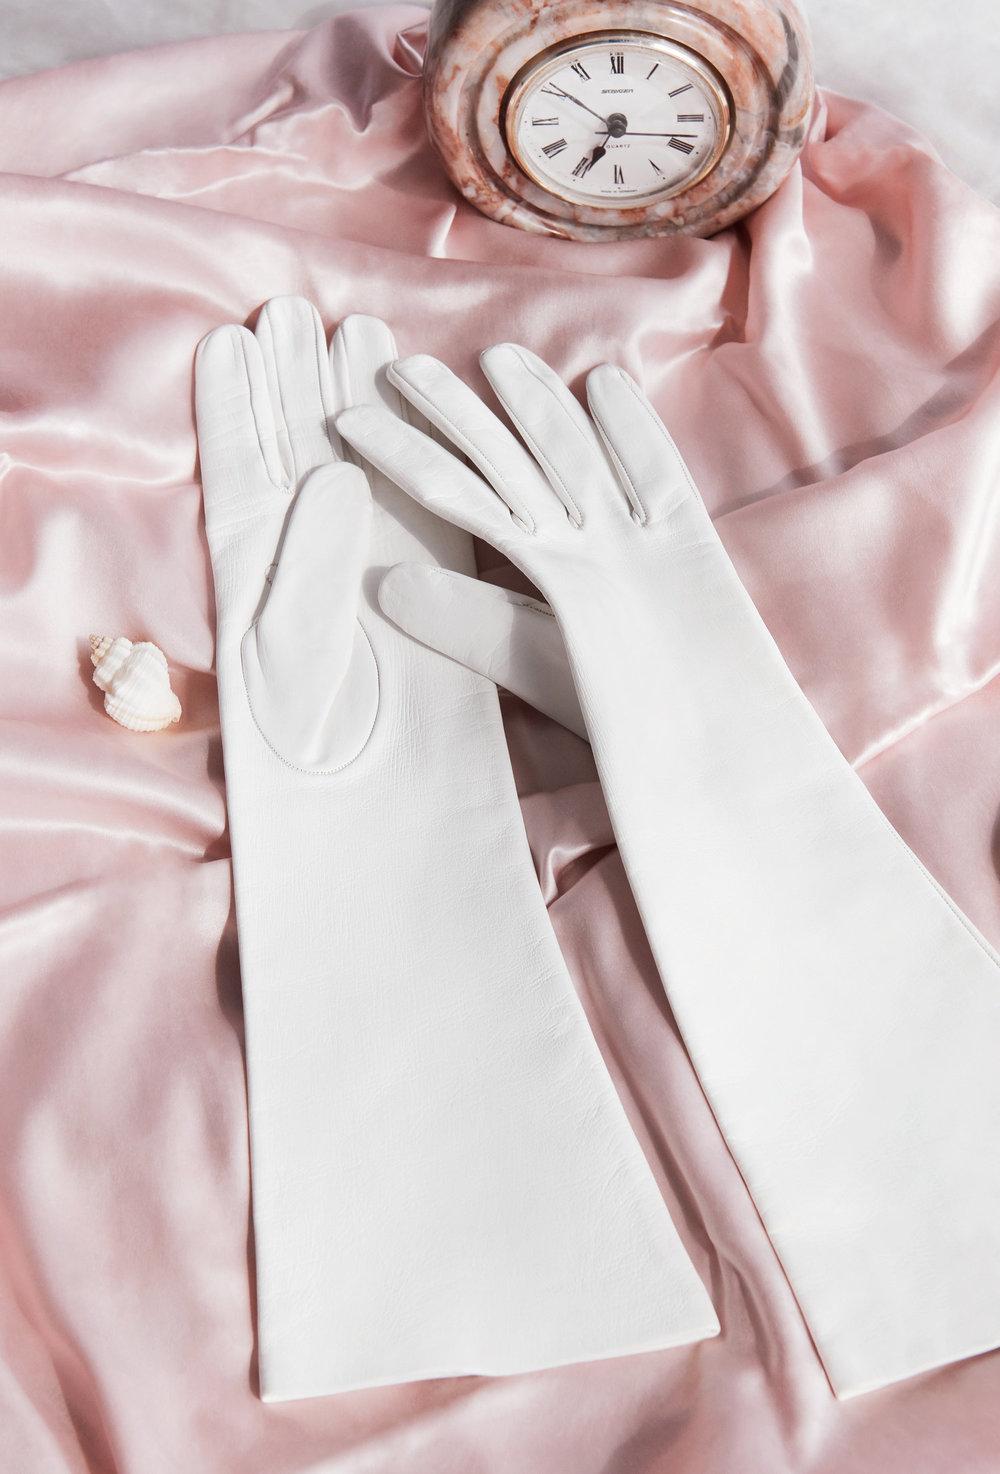 ATARAH_181004_Gloves_006_RT_Web.jpg